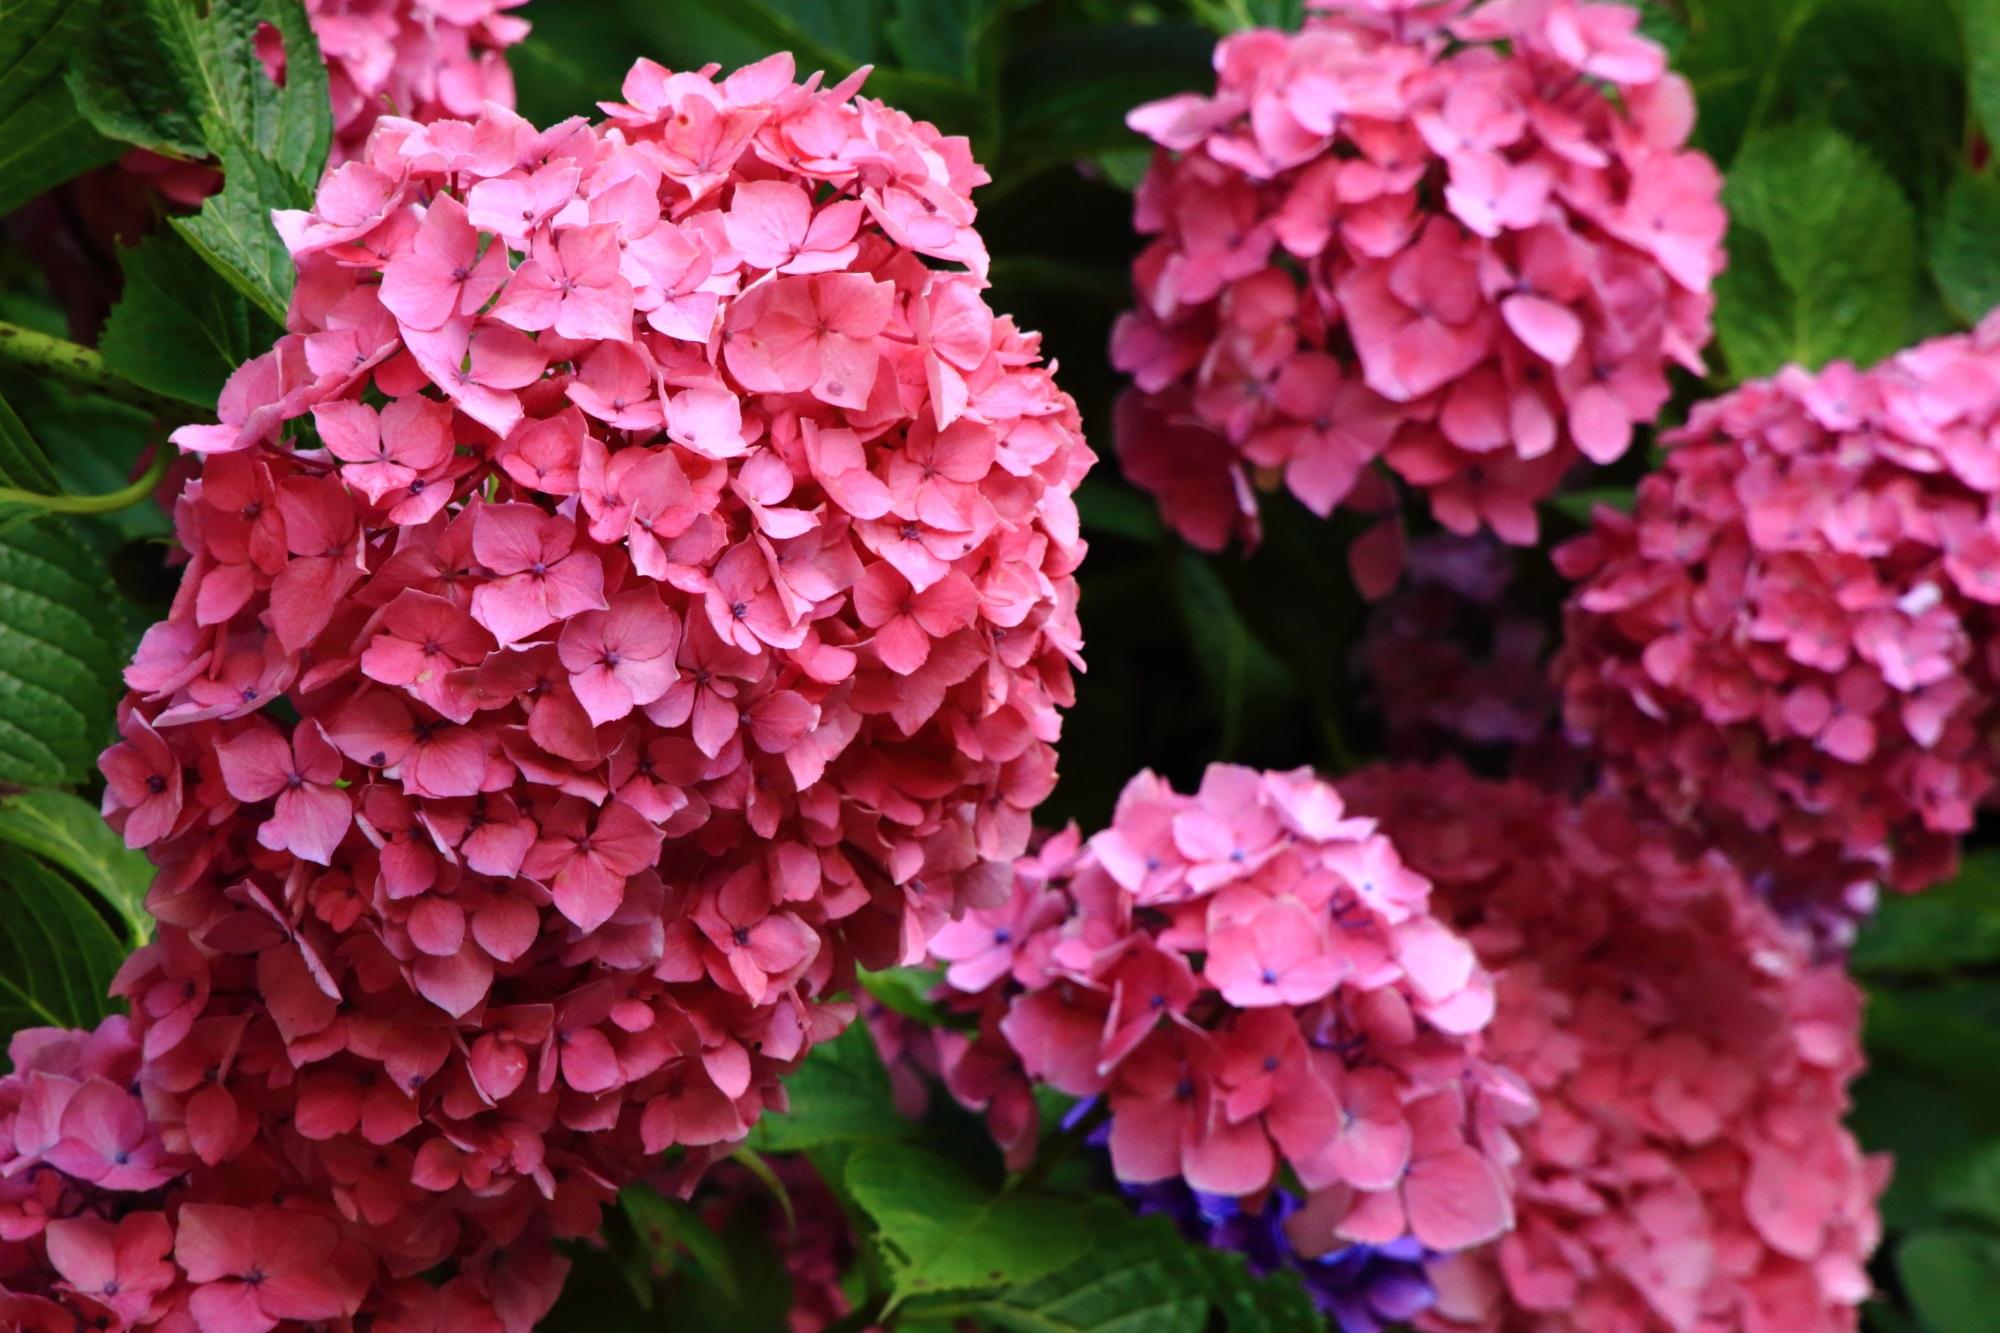 岩船寺の弾けんばかりに咲き誇る満開の鮮やかなピンクの紫陽花